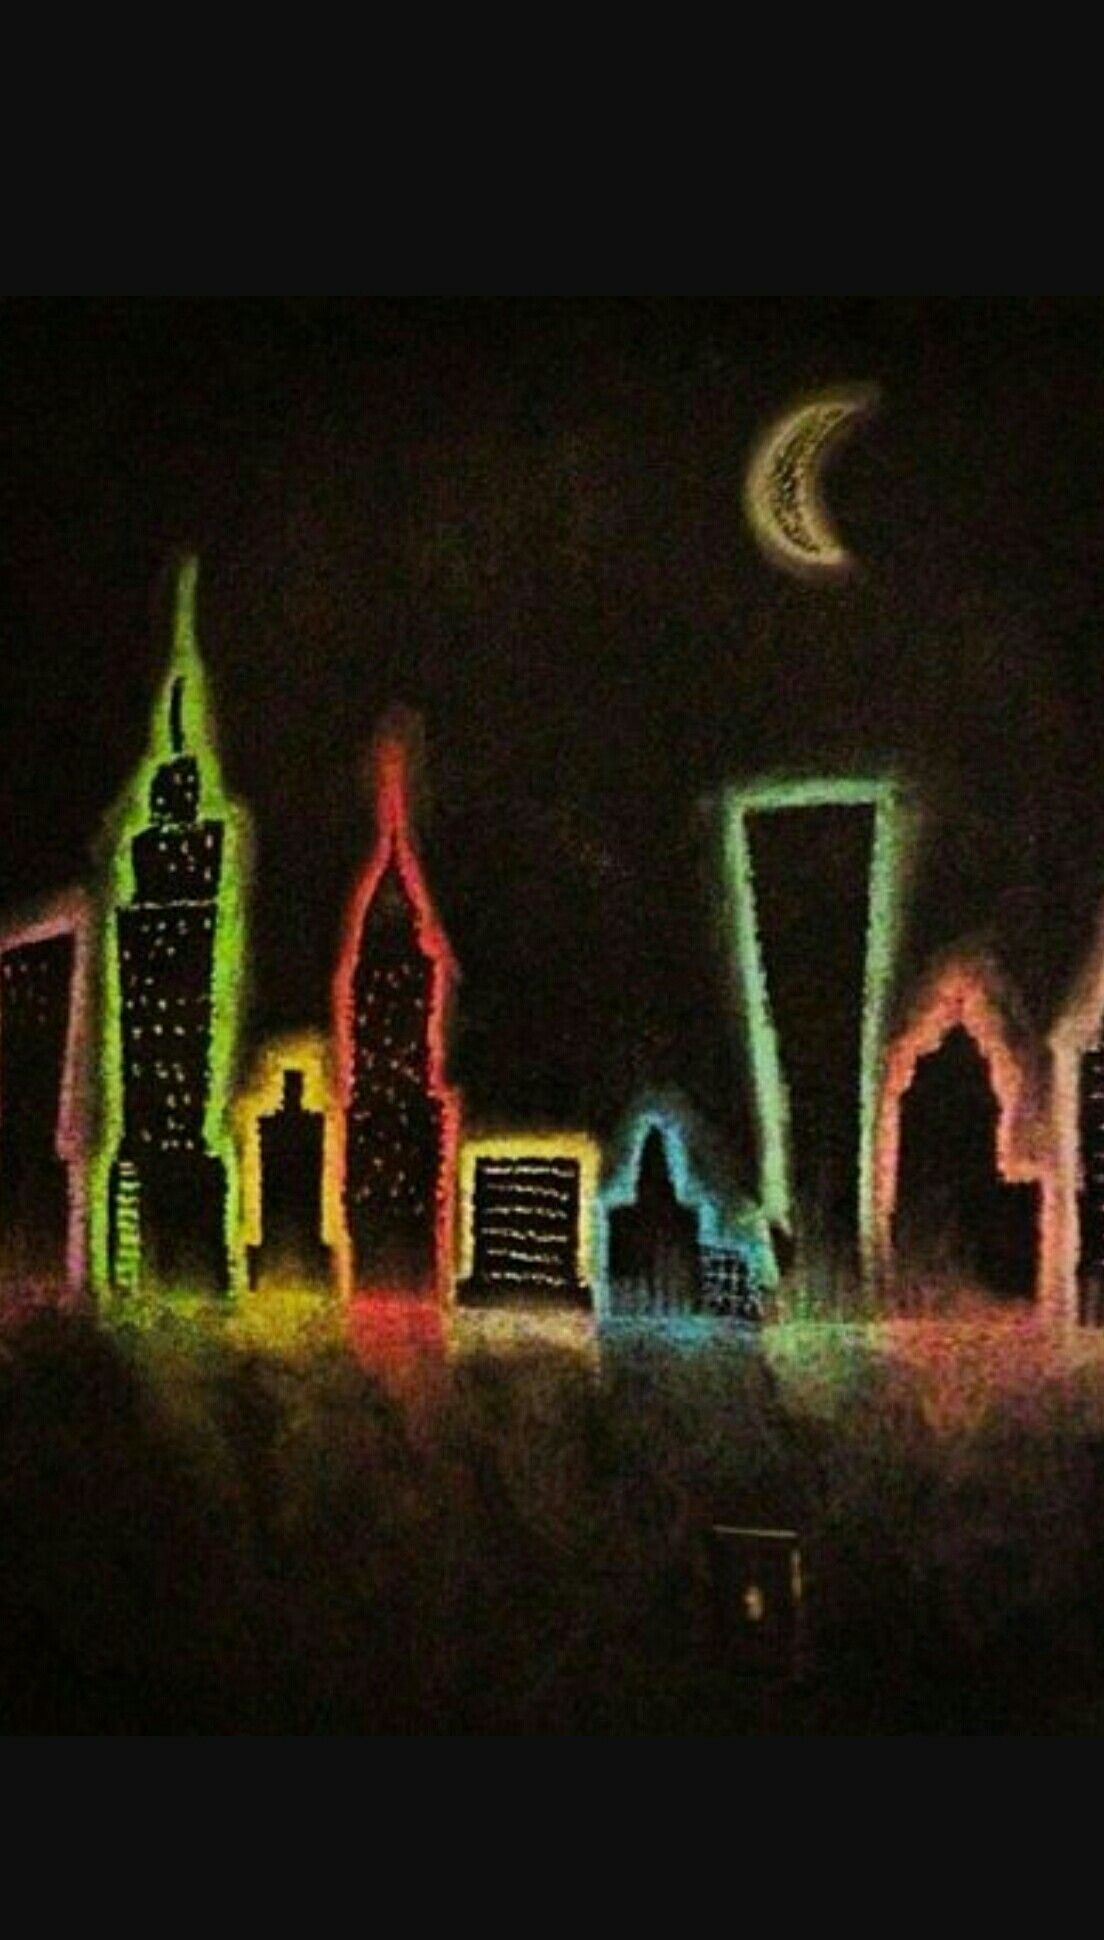 Chalkboard City Wall Chalkboard drawings, City drawing